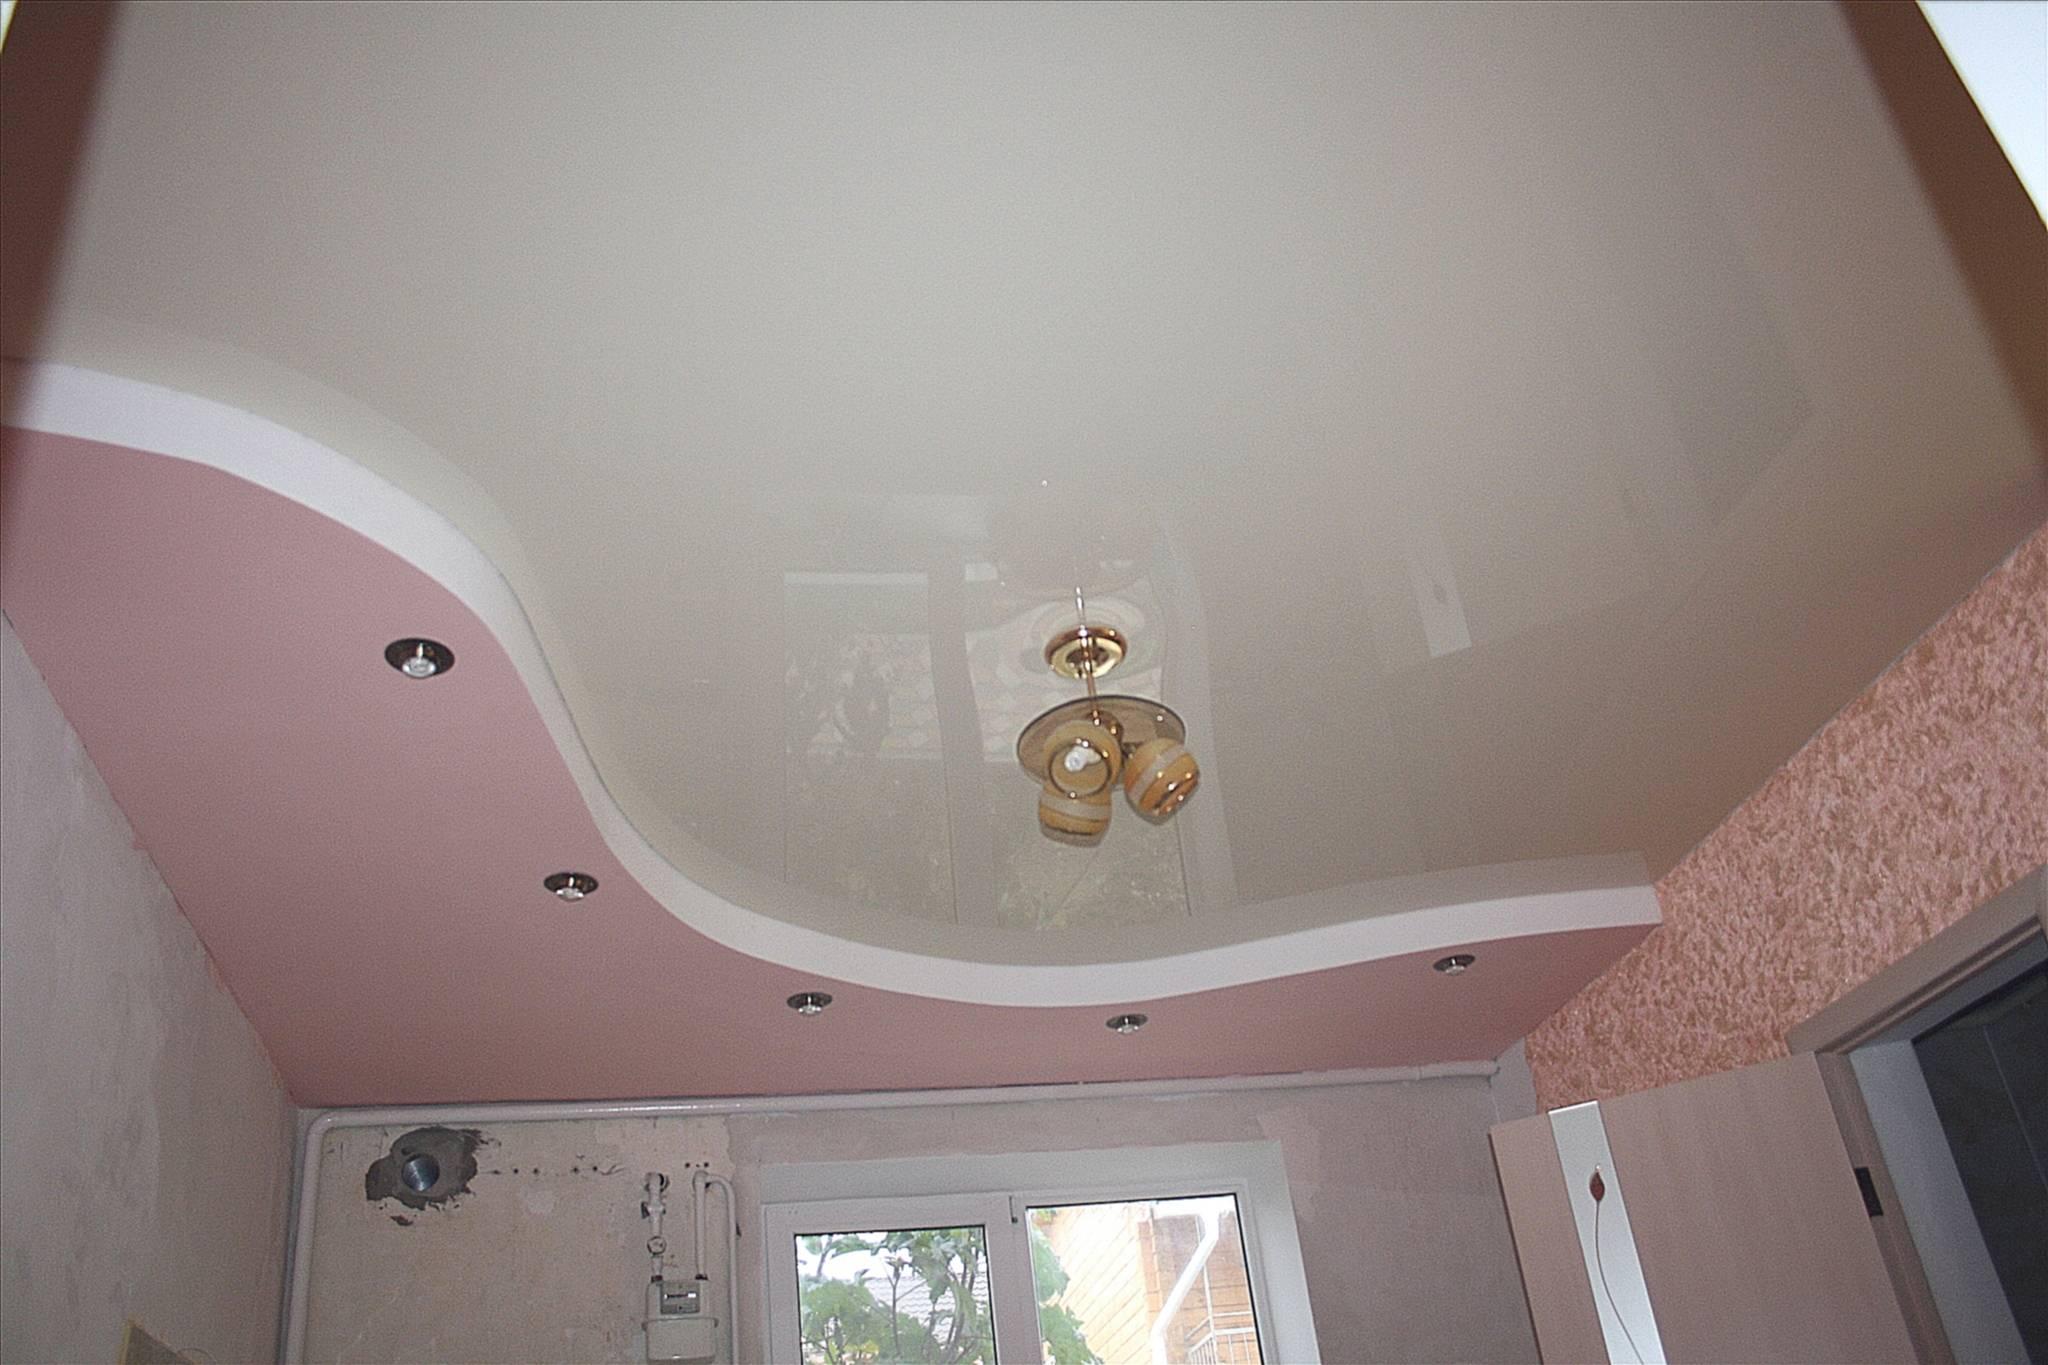 Монтаж светодиодных светильников: особенности установки на подвесном и натяжном потолке, правила монтажа, инструкция, как установить и подключить осветительное устройство